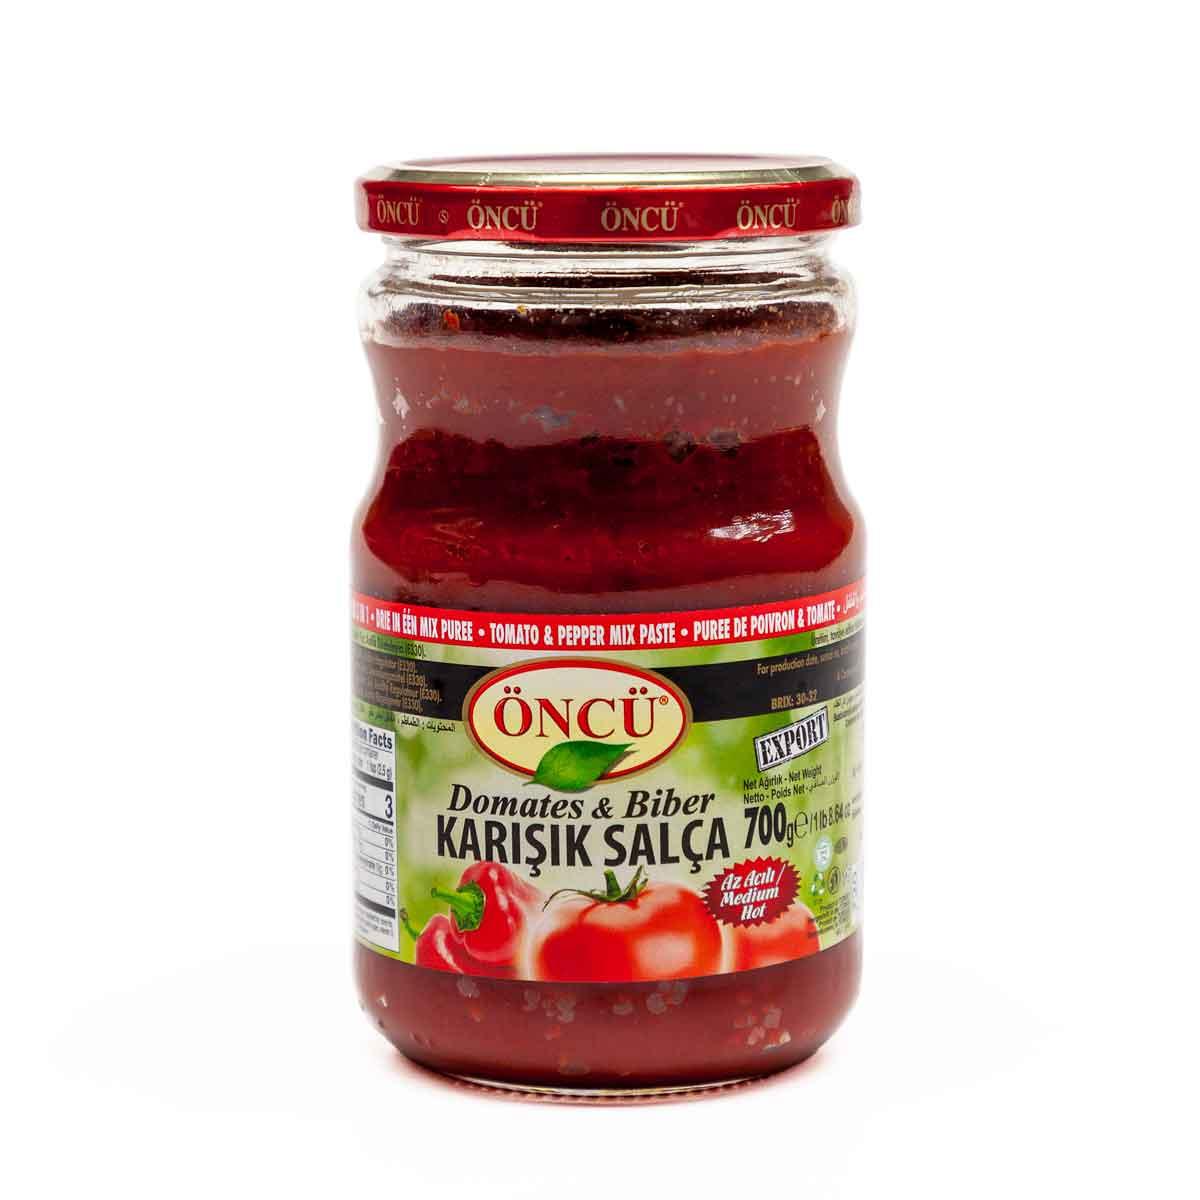 ÖNCÜ ~ Mischung aus Tomaten- Paprikapaste ~ Karışık Domates & Biber Salçası ~ 700g